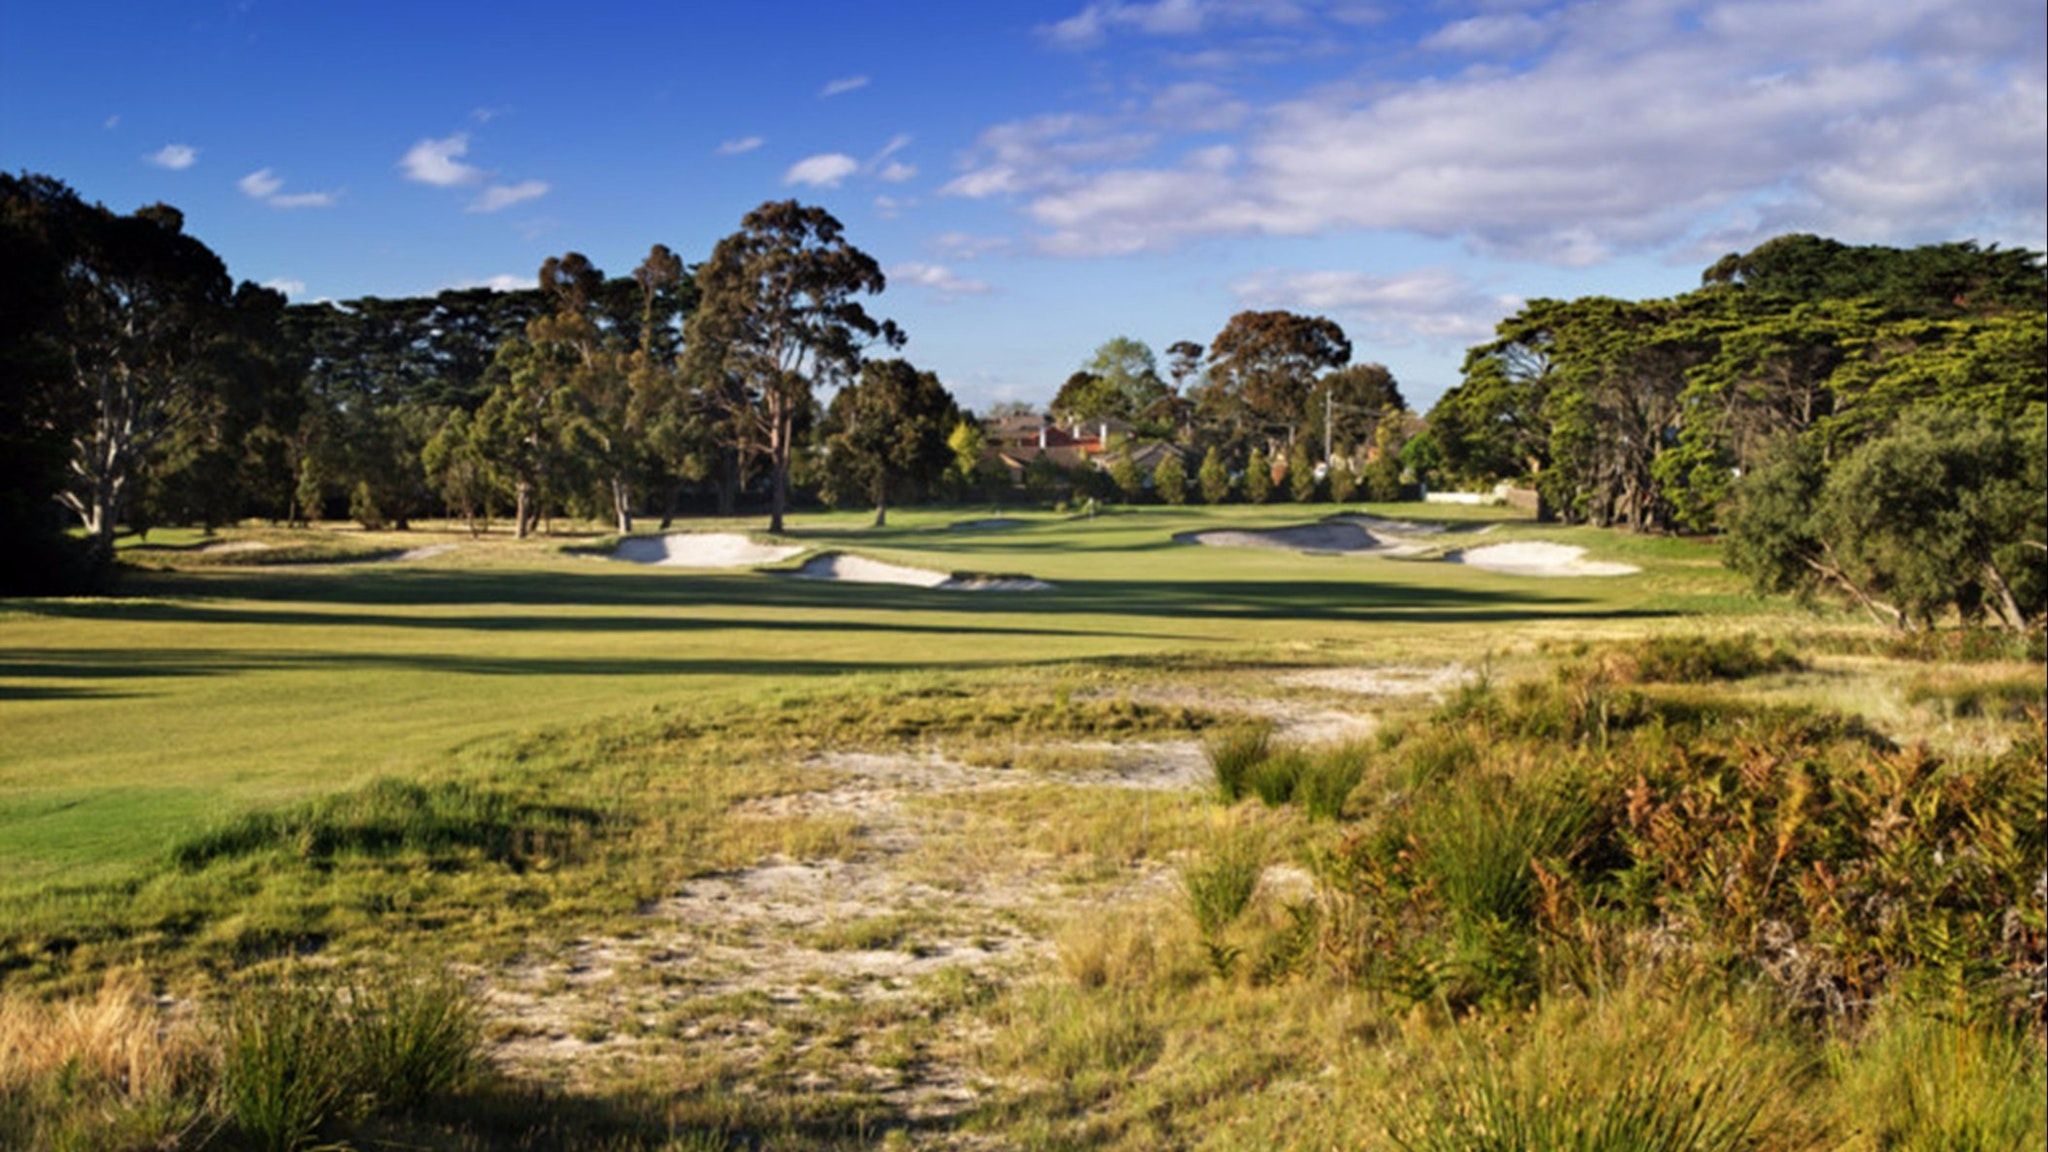 victoria golf club attraction melbourne victoria australia. Black Bedroom Furniture Sets. Home Design Ideas